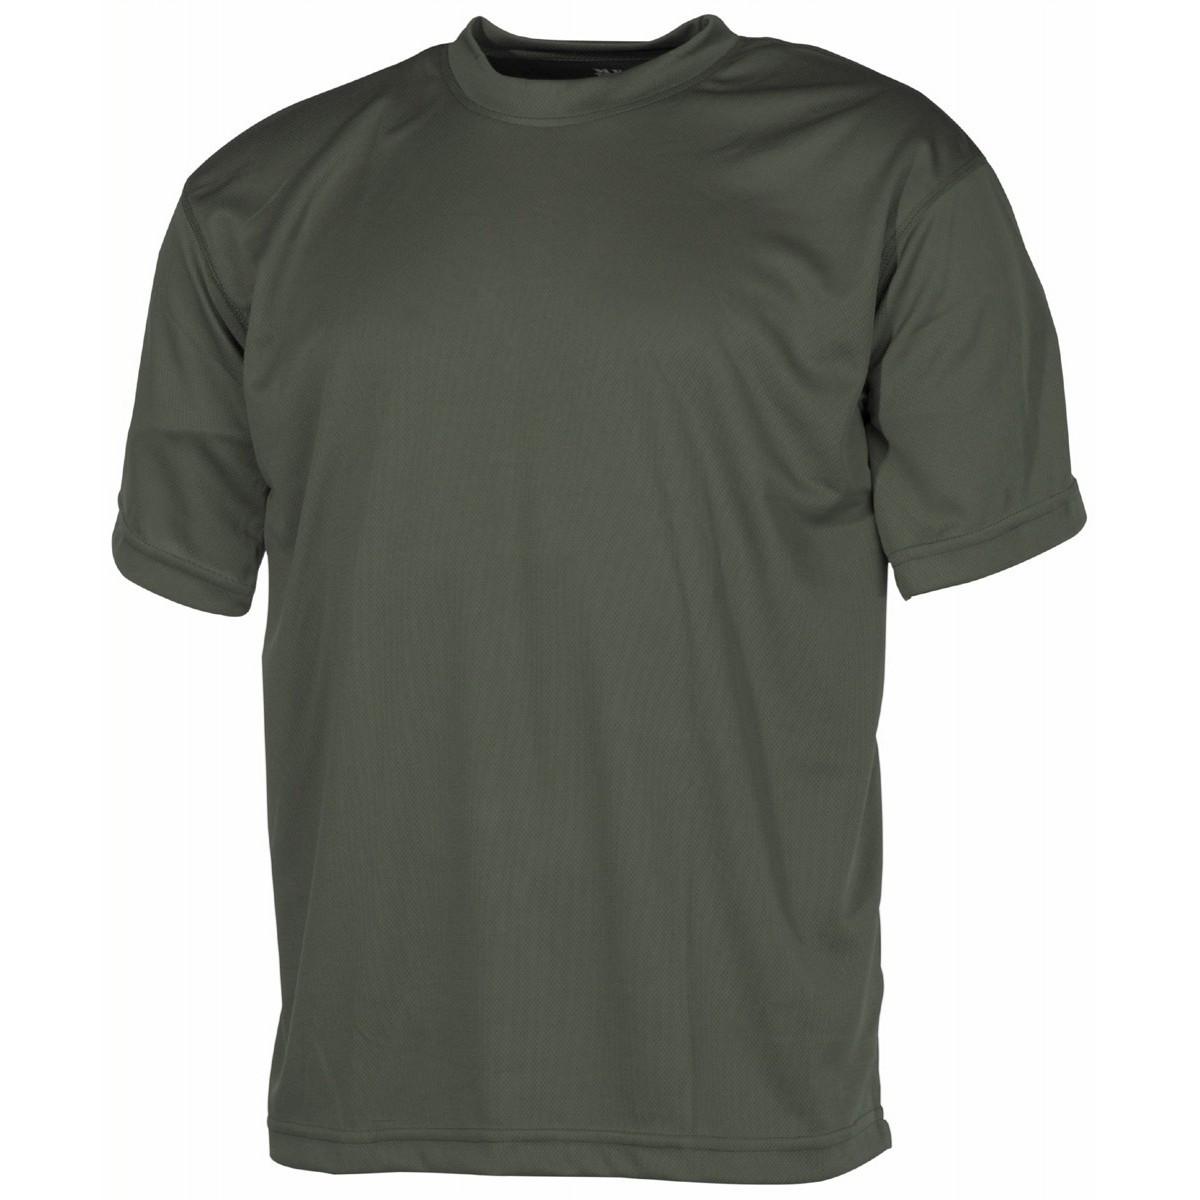 Футболка армейская тактическая потоотводящая тёмно-зелёная (олива) MFH